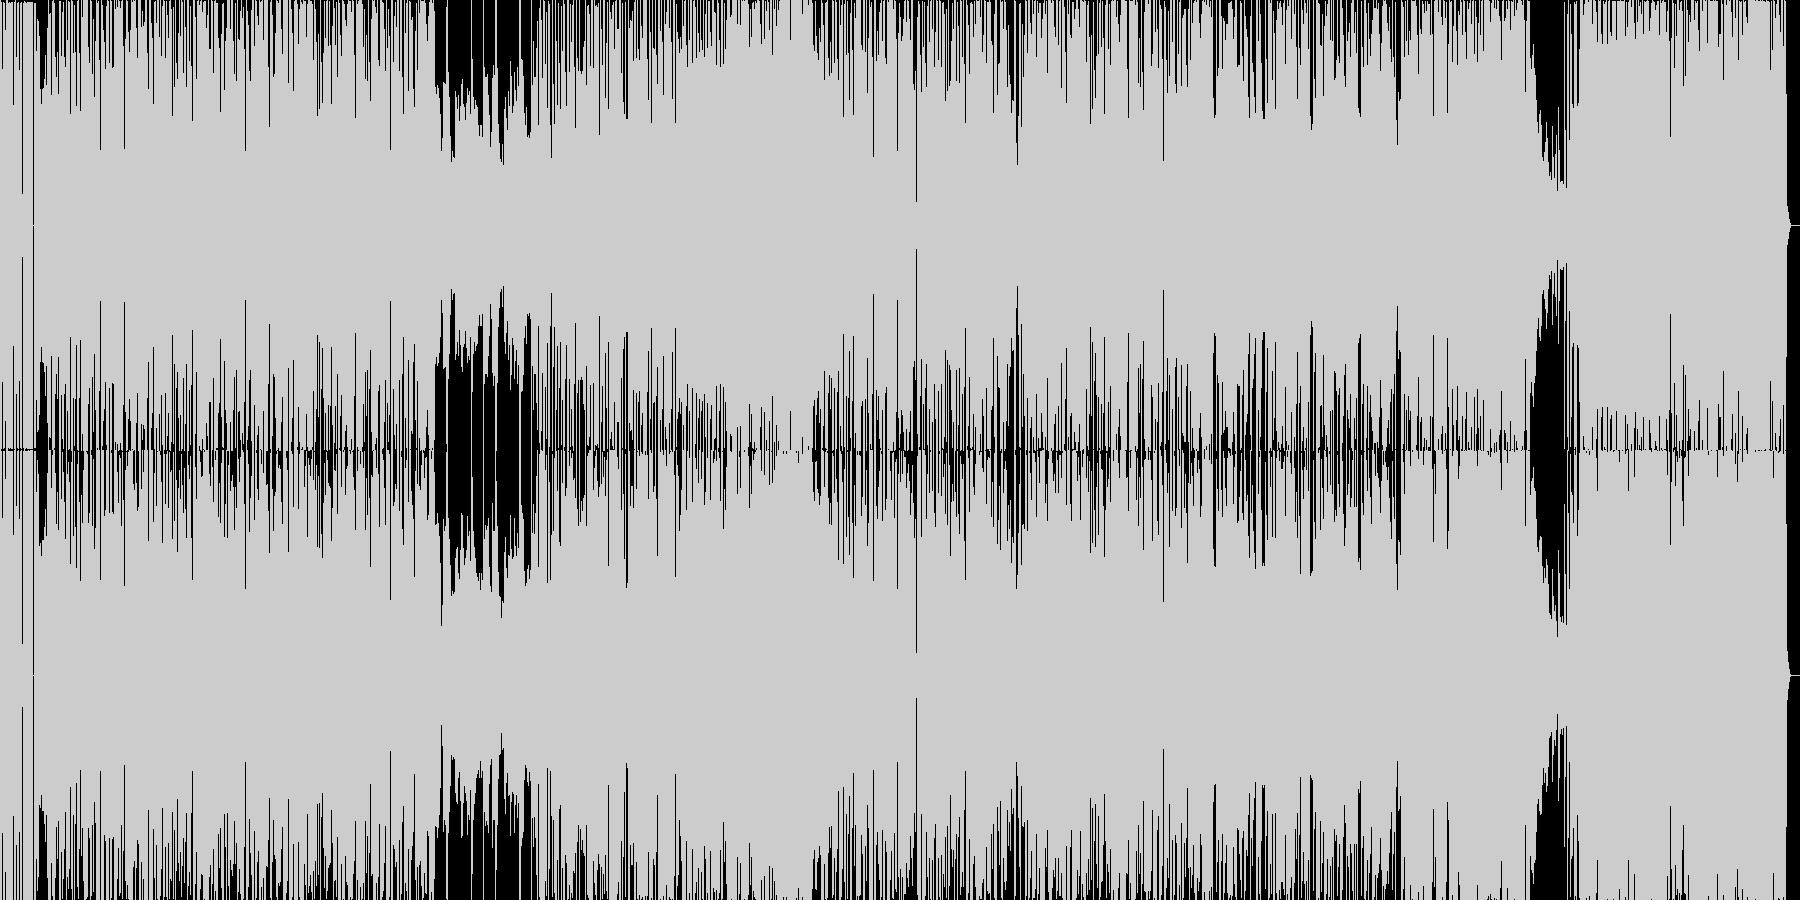 ジャズ+EDMの疾走感のあるBGMの未再生の波形